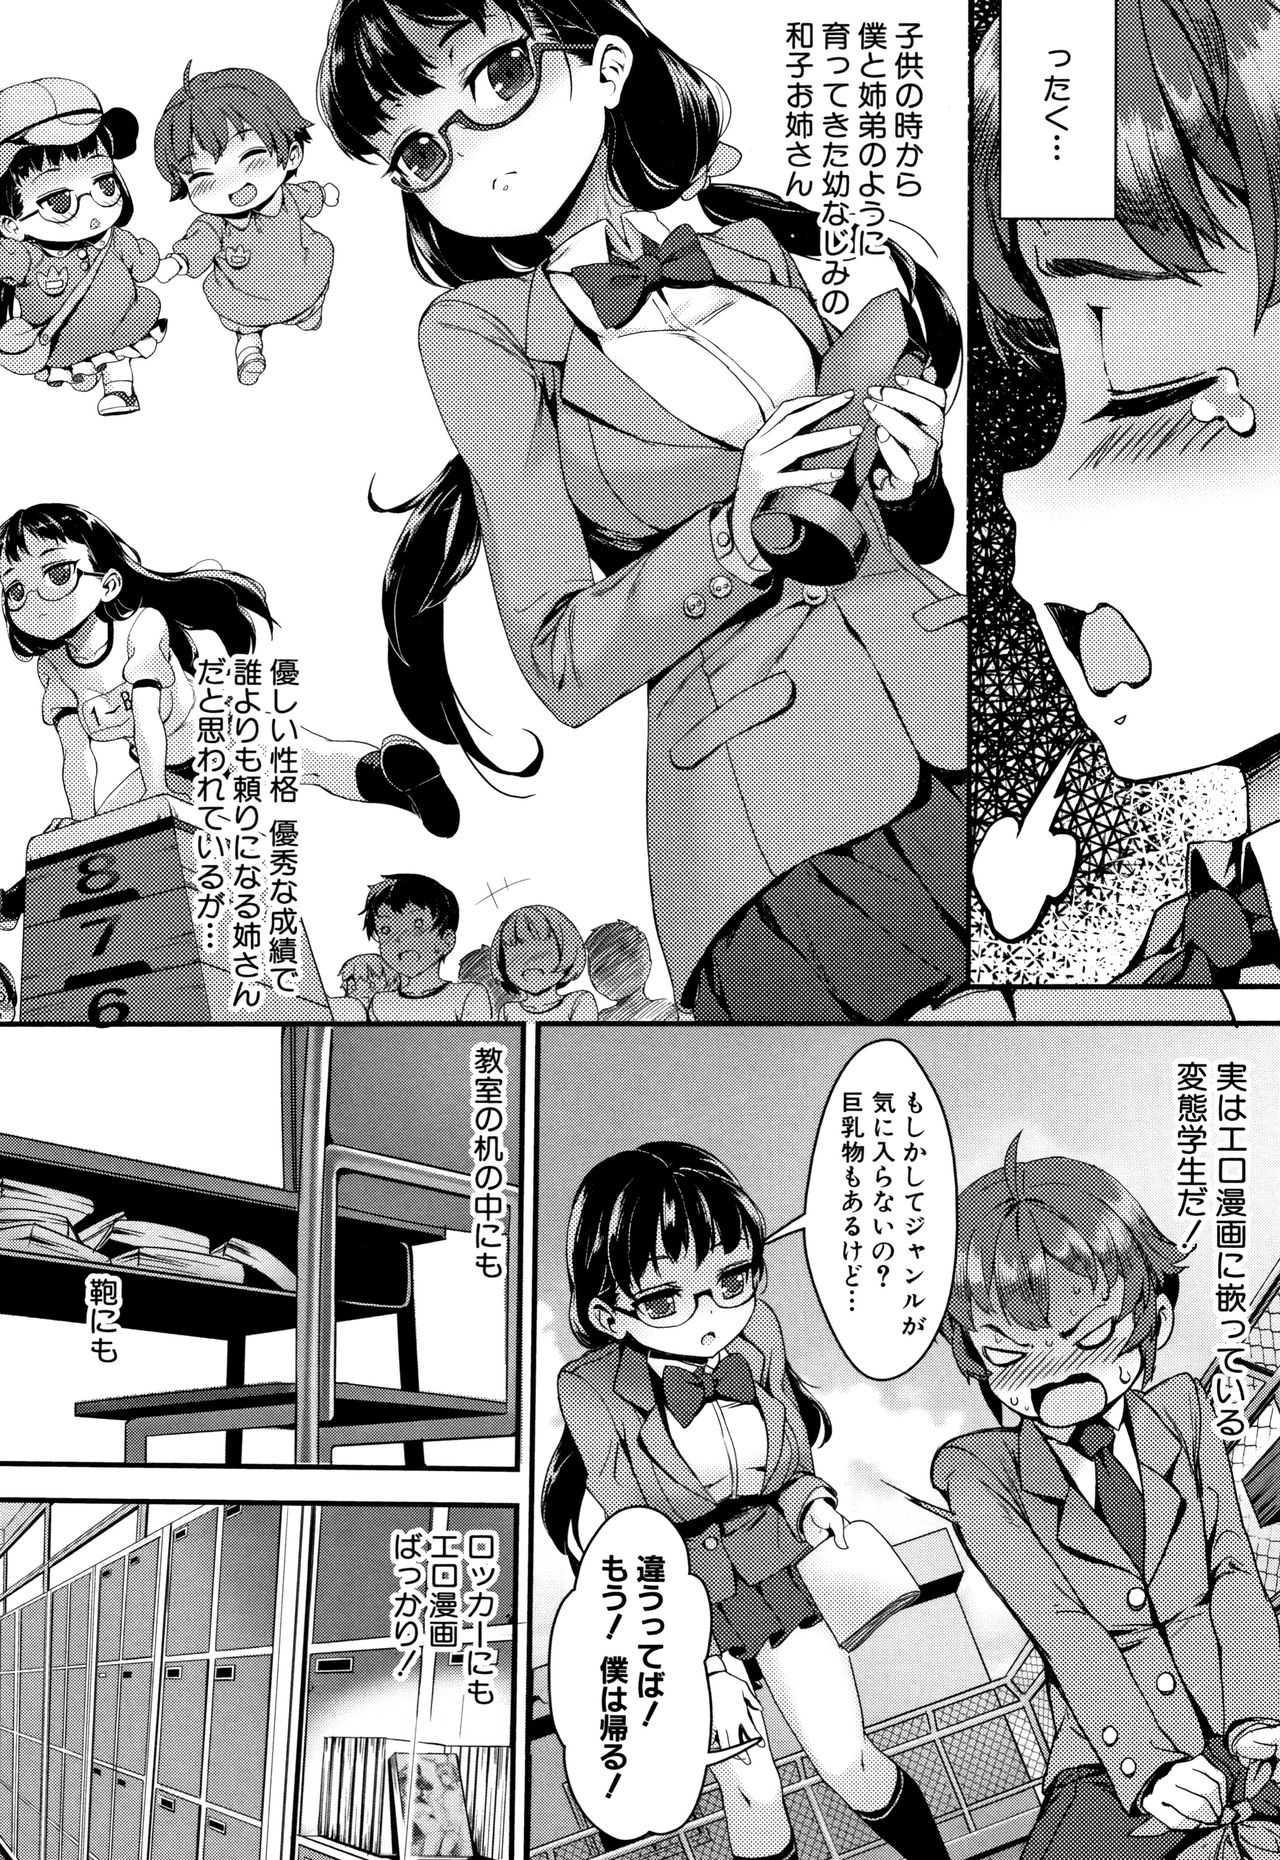 【エロ漫画】(7/7話)エロ漫画家を目指す眼鏡っ娘JK…実の弟の盗撮写真をネタにモデルになるよう脅迫www【ジャイロウ:モデルになってほしい】